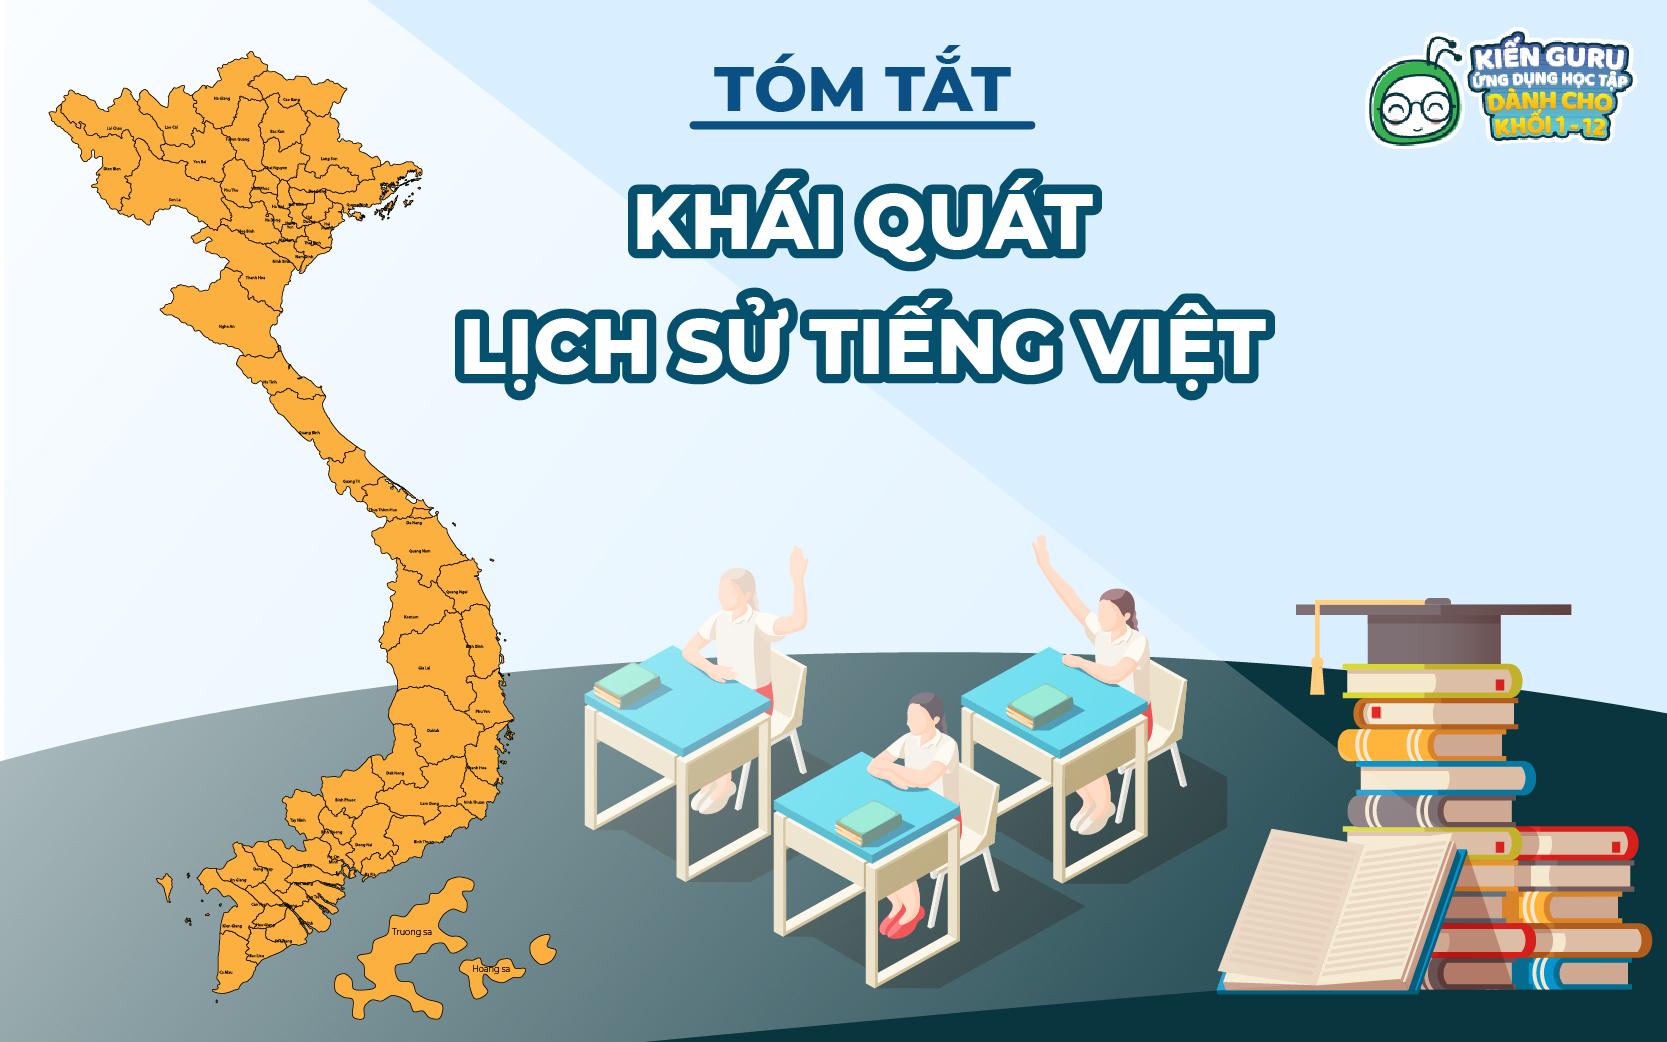 khai-quat-lich-su-tieng-viet